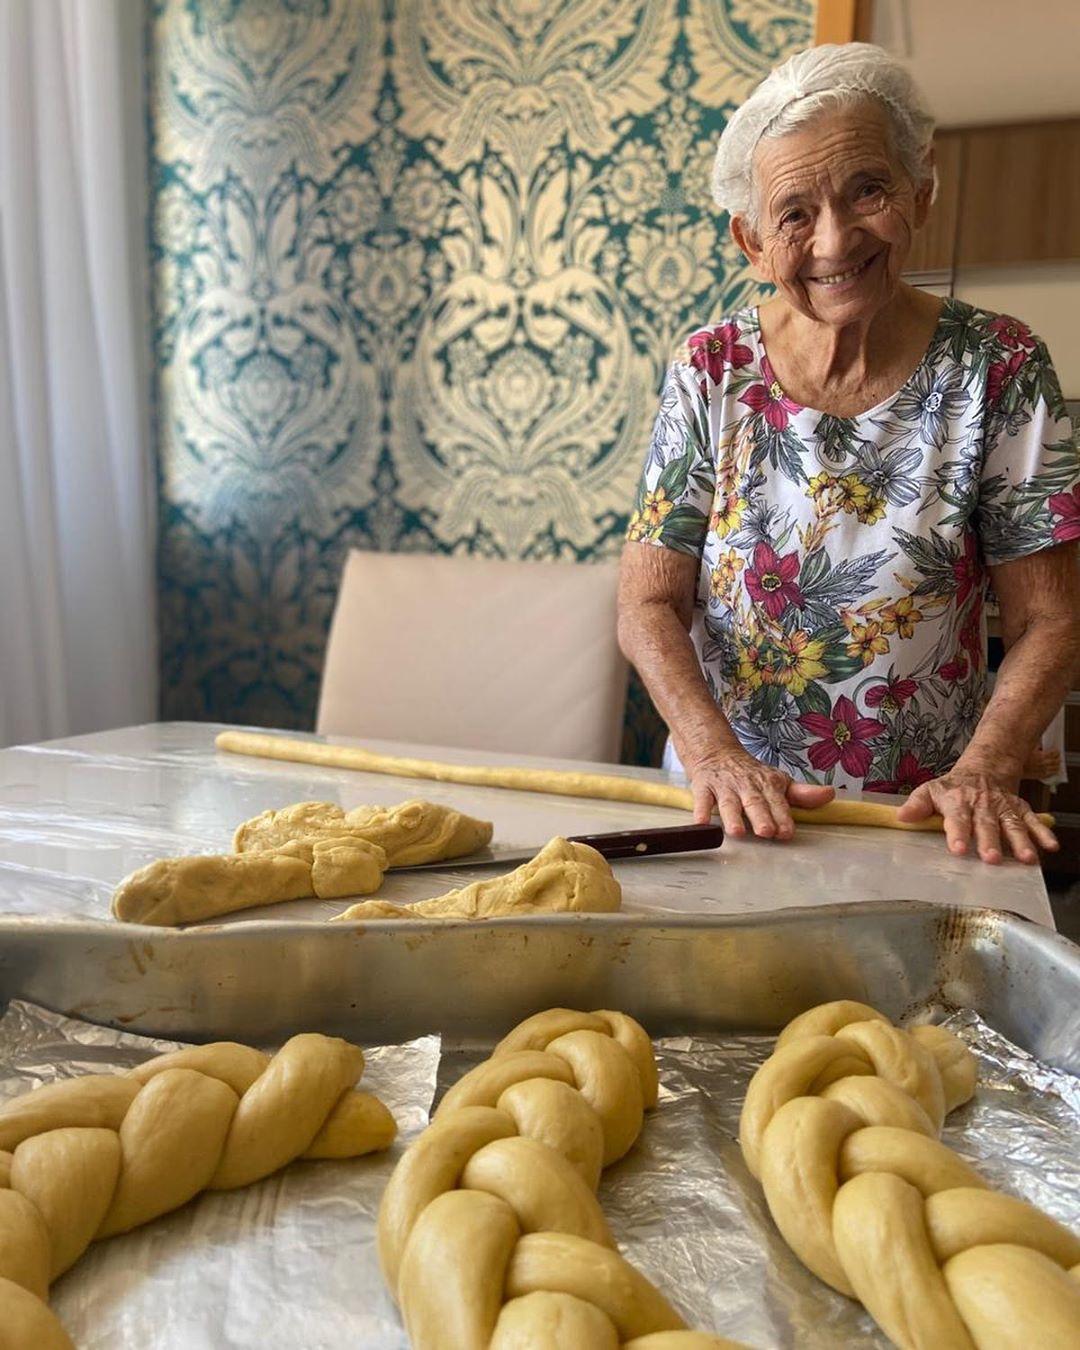 idosa preparando rosquinhas sorrindo